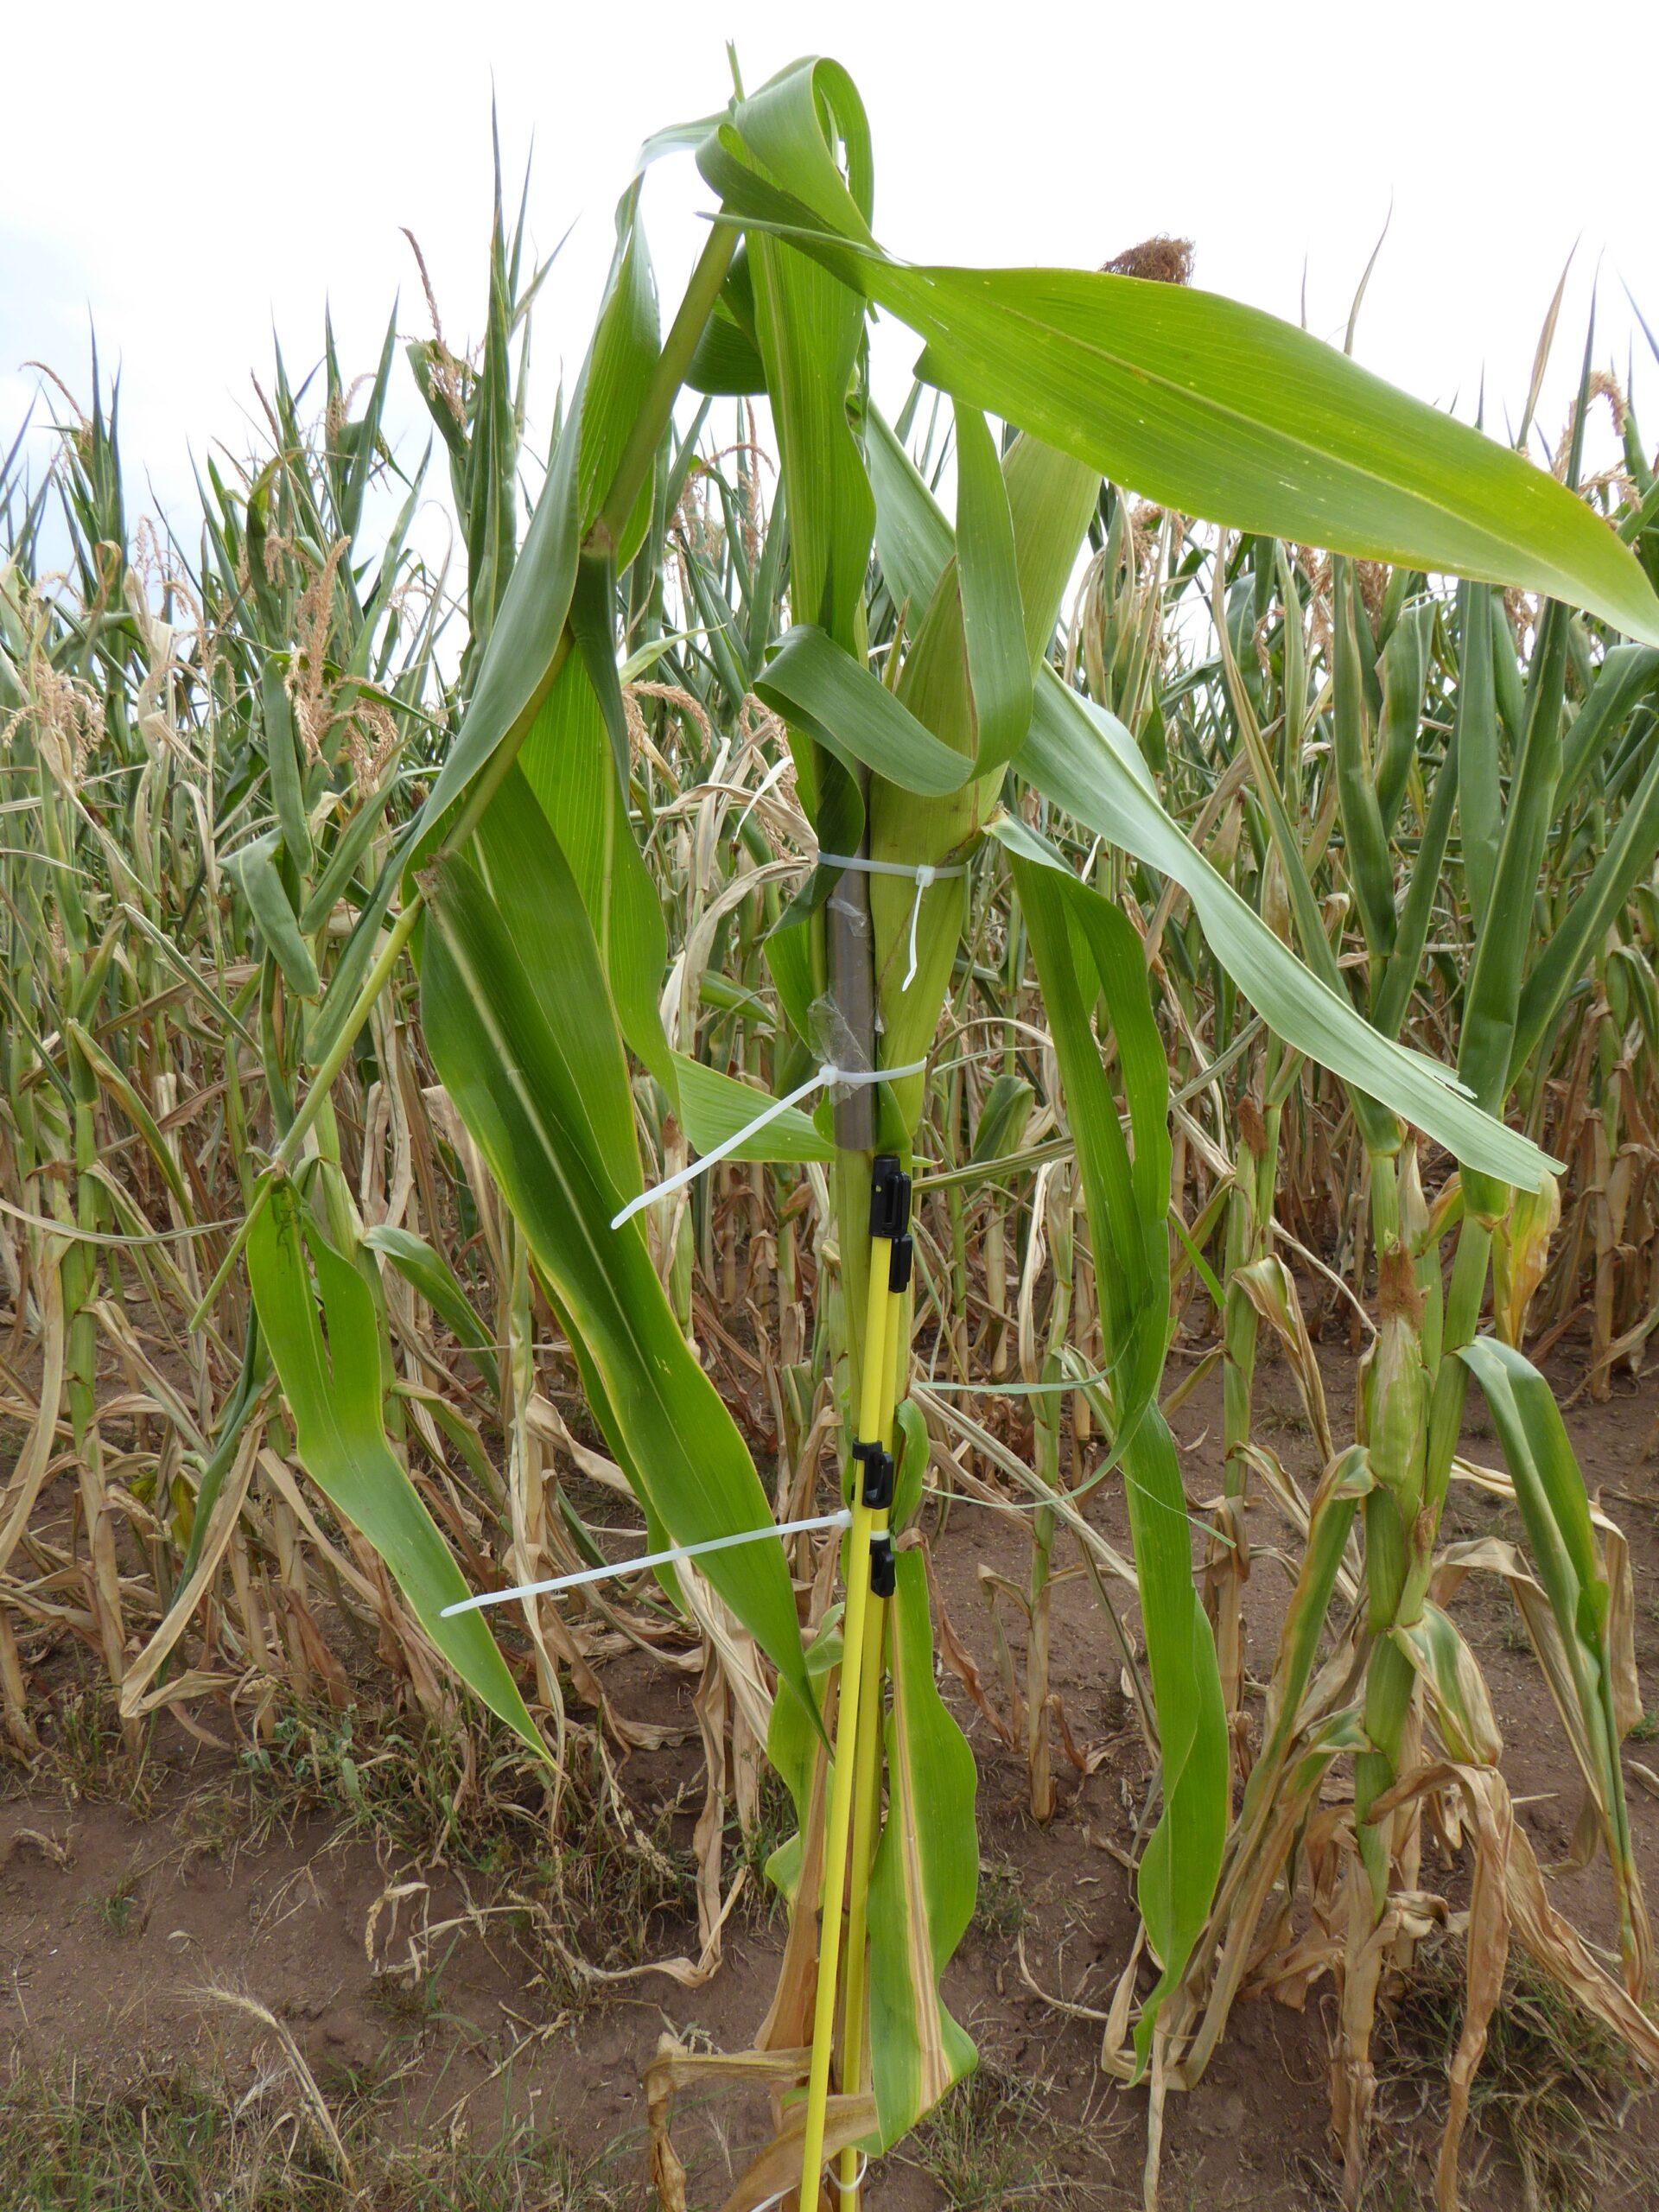 Unser Foto zeigt: Bei einer Studie an der HSWT wurde u.a. ein Fremdkörper (V2A-Stahl) an einer Maispflanze befestigt und mittels einer Kunststoffstange im Maisfeld platziert.